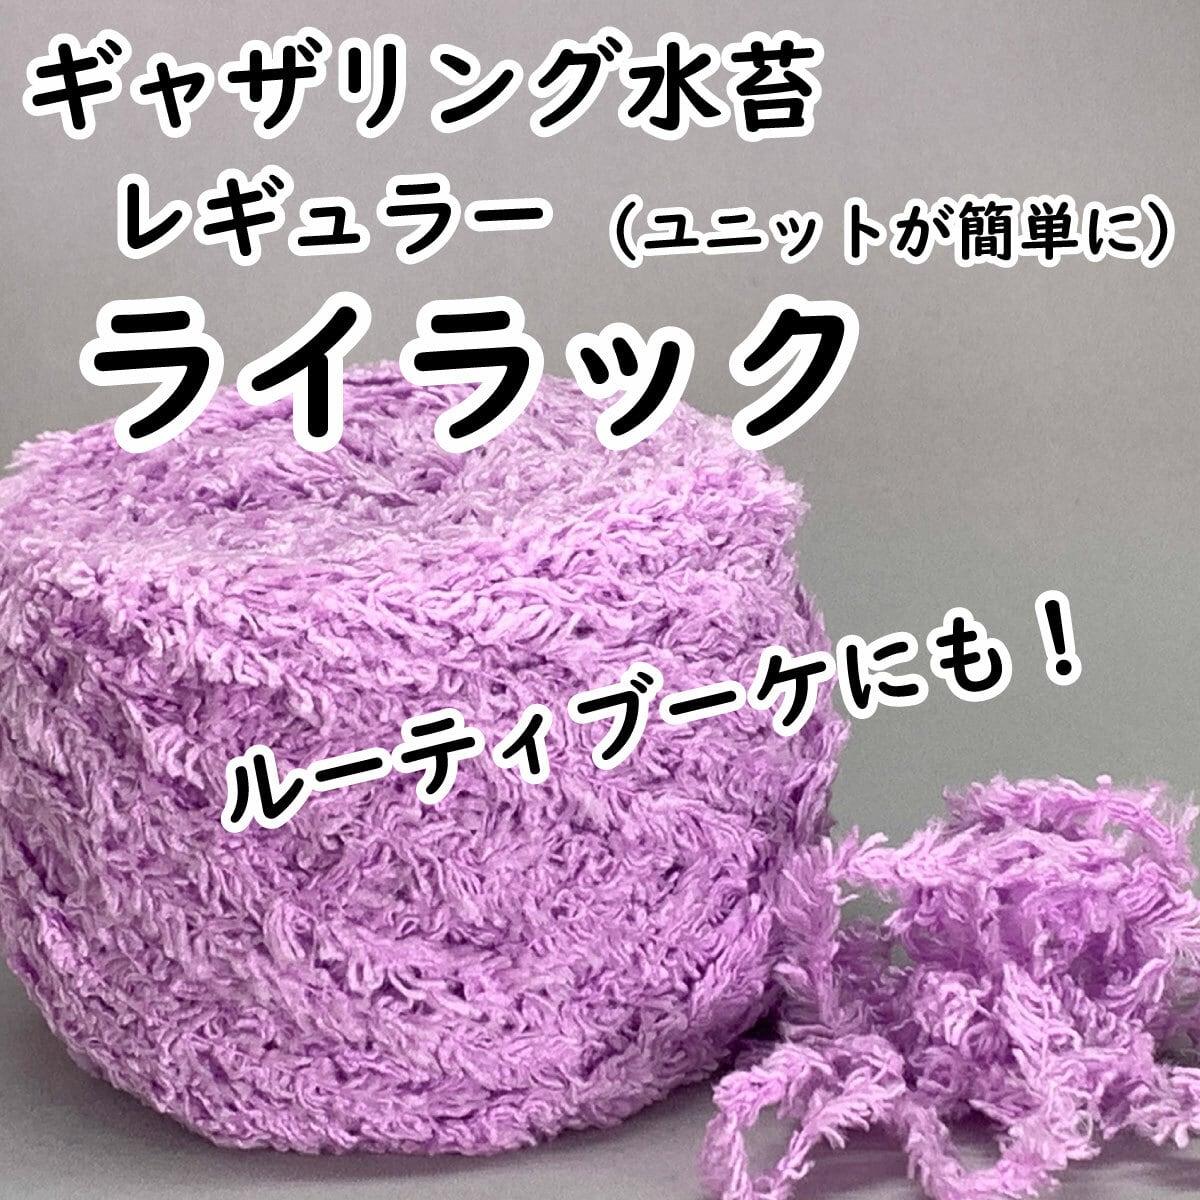 【ギャザリング水苔レギュラー】10色からお選びください - 画像5